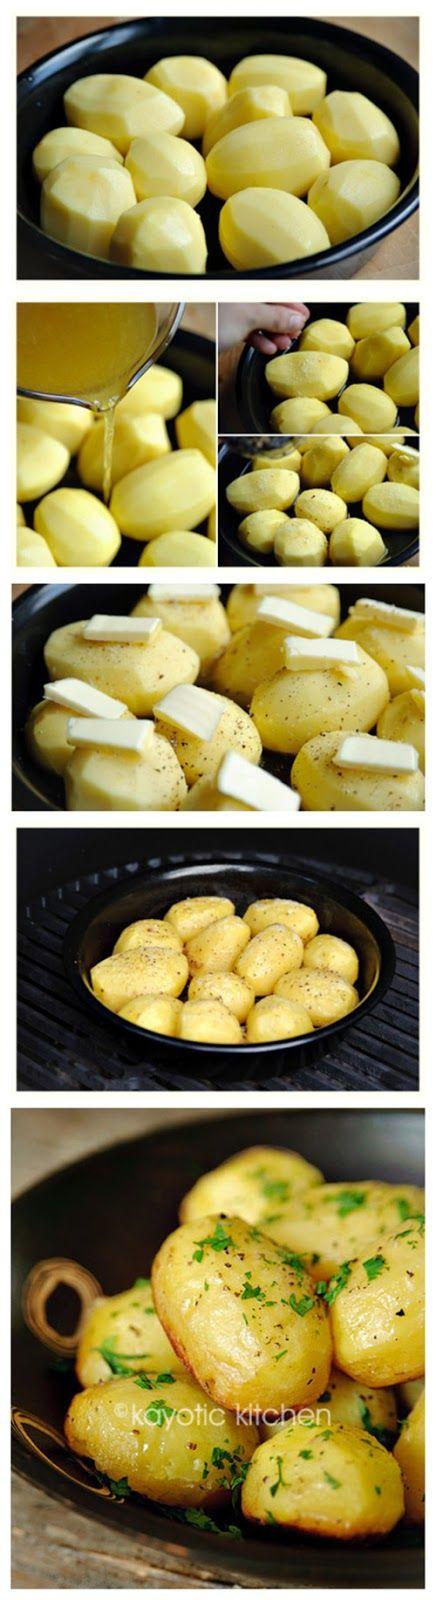 BBQ Potatoes - kiss recipe